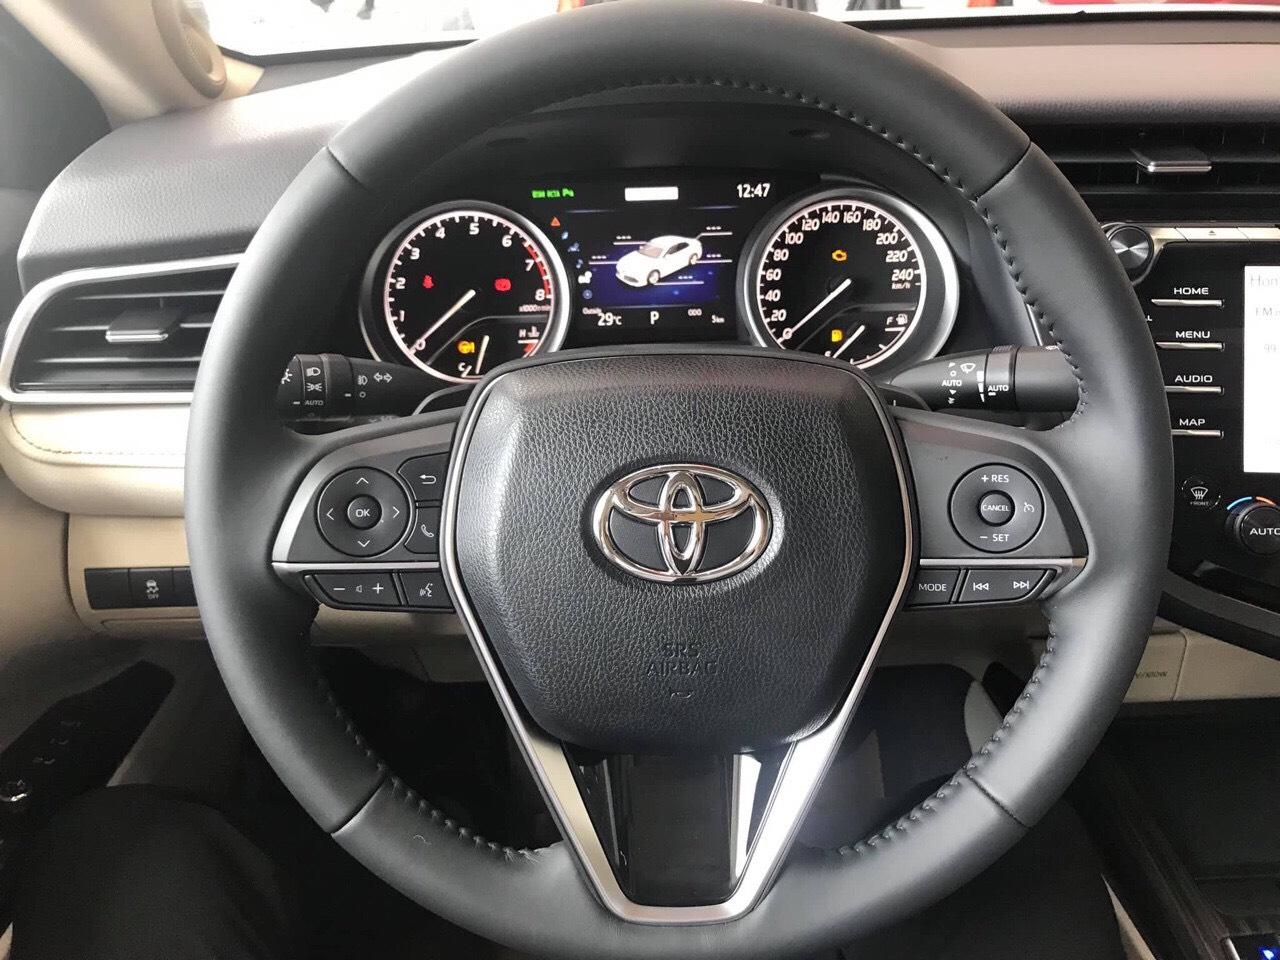 Toyota Camry 2.5Q ảnh 15 - Camry 2.5Q [hienthinam]: giá xe và khuyến mãi tháng [hienthithang]